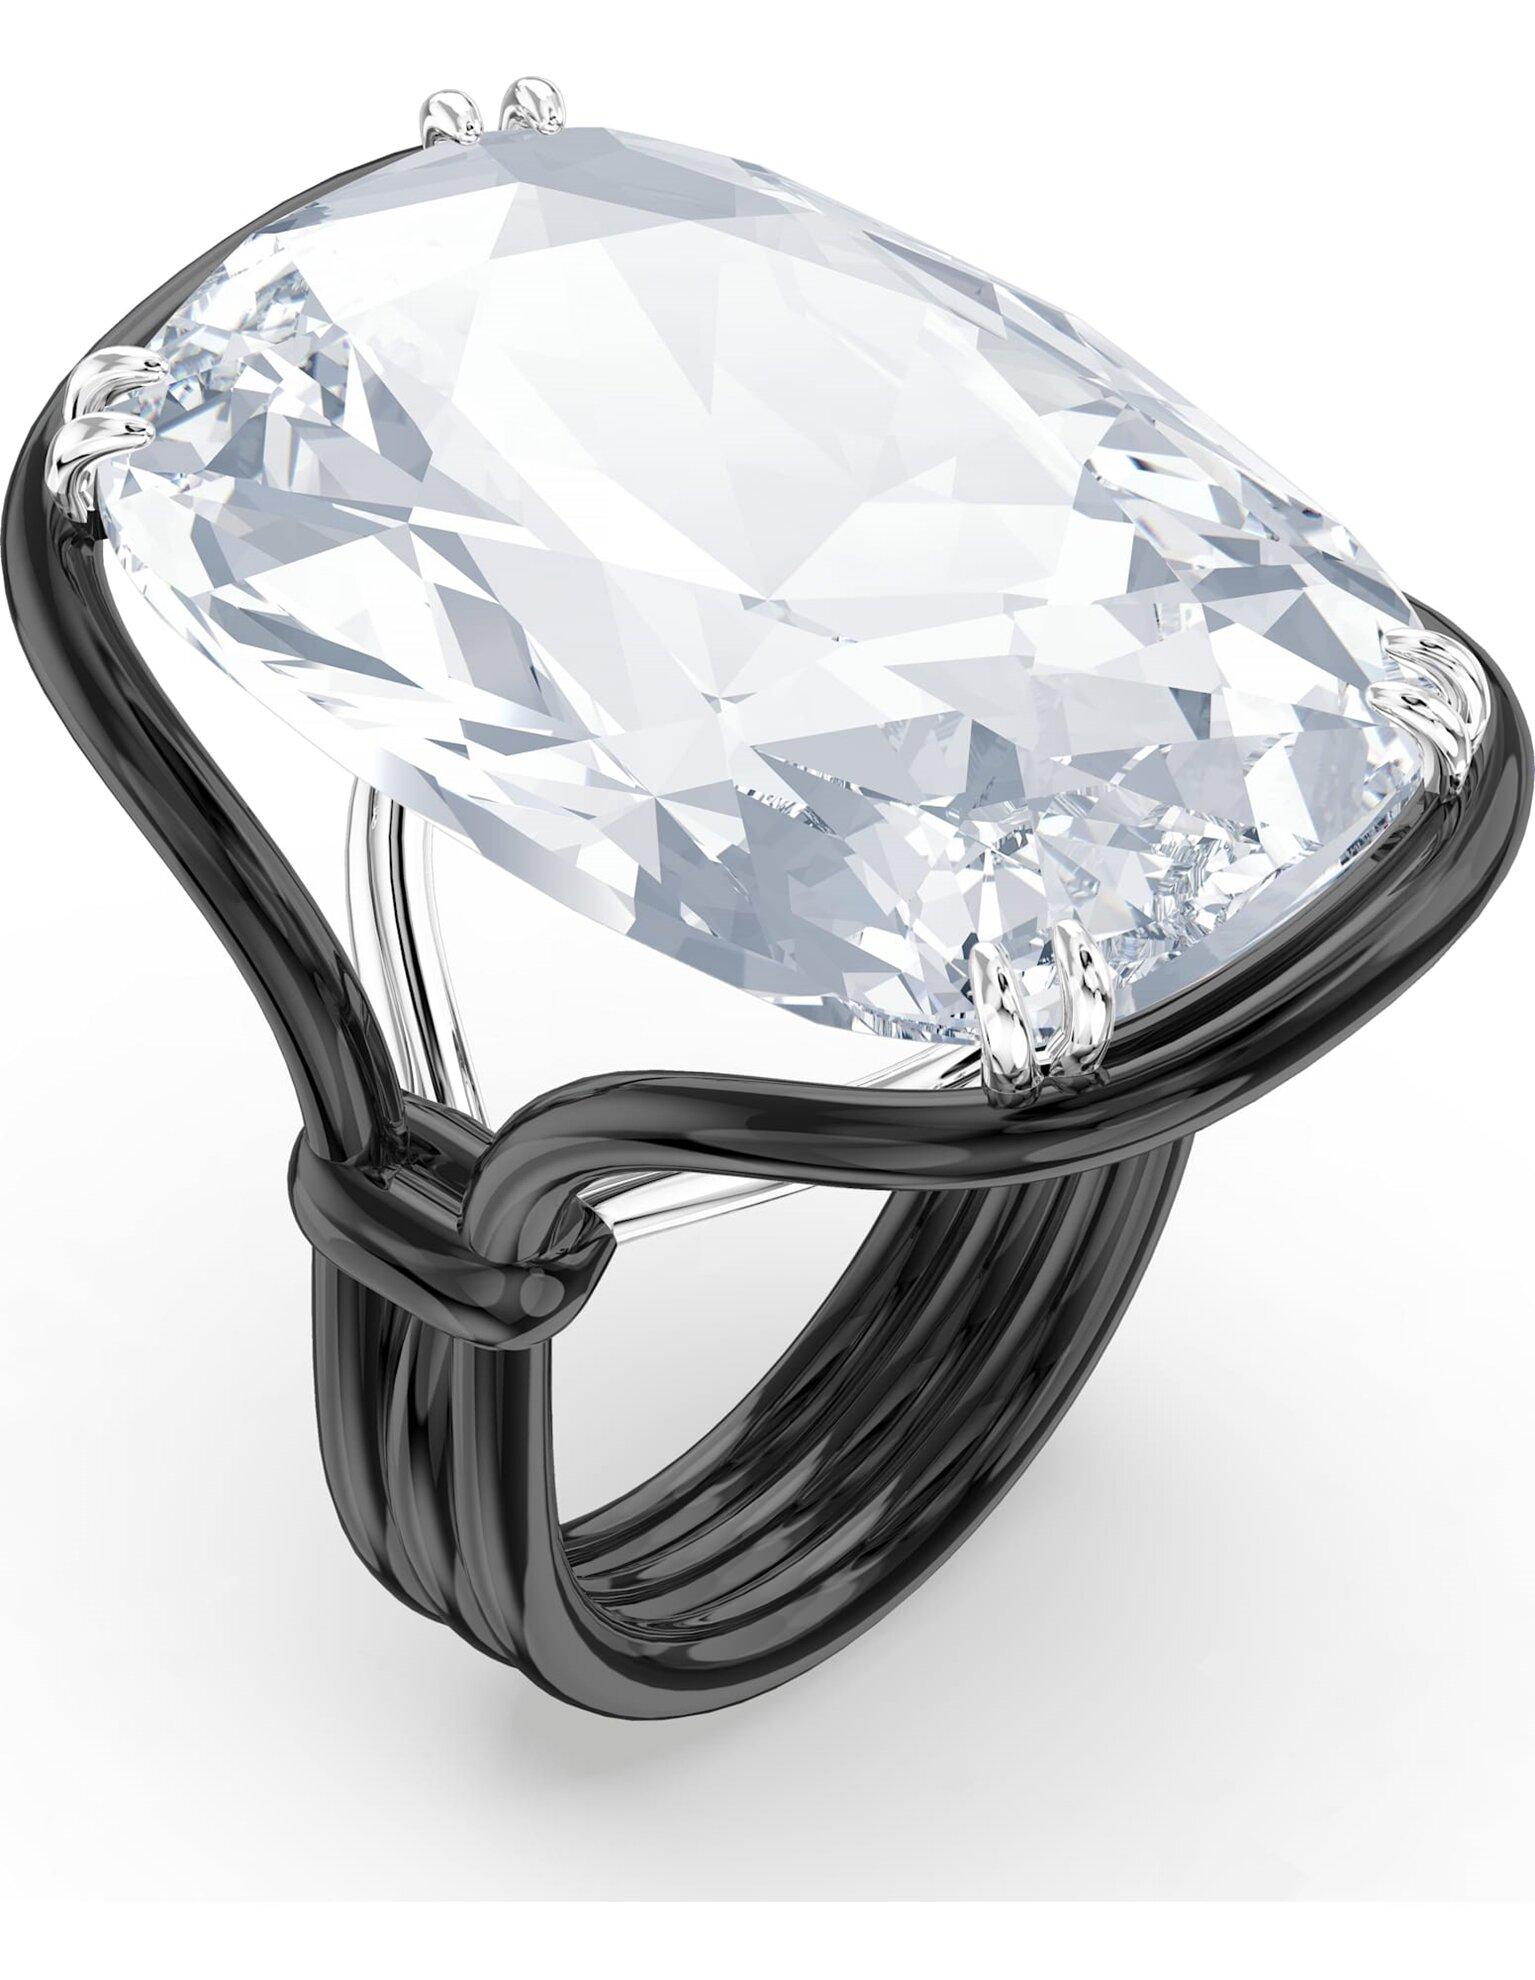 Picture of Harmonia Yüzük, Büyük hareketli kristal, Beyaz, Karışık metal bitiş